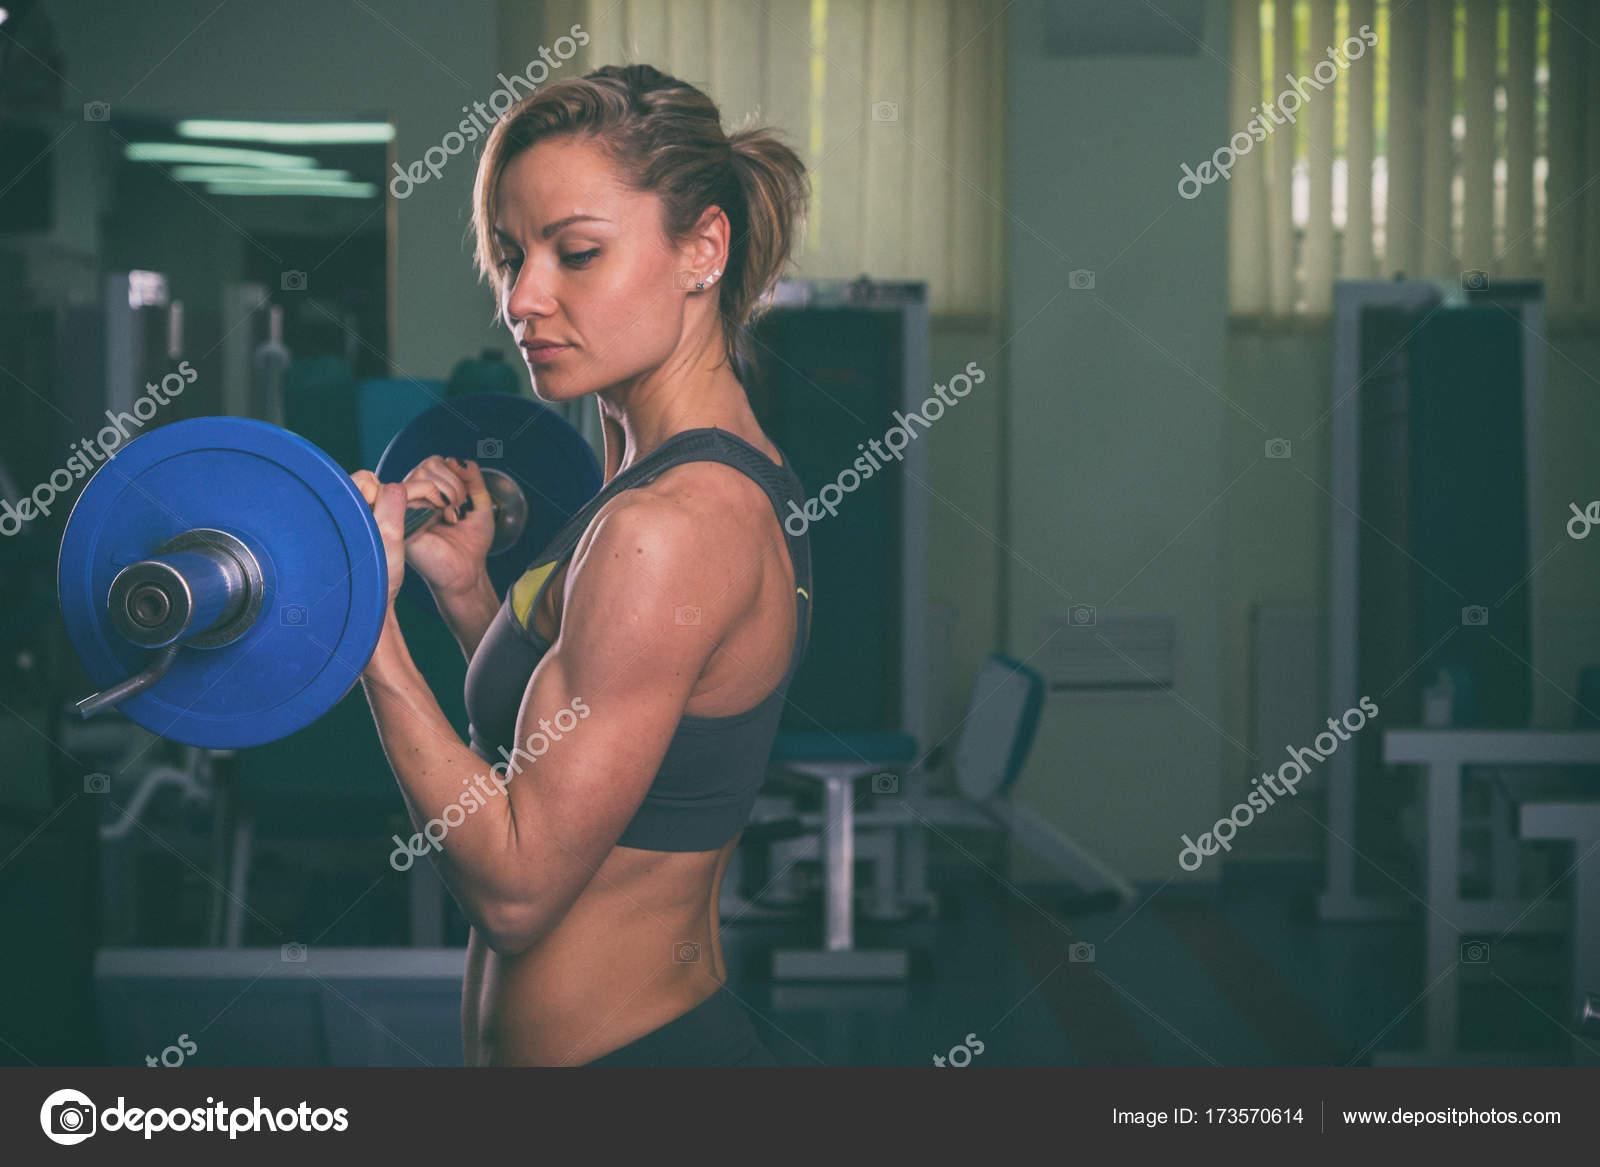 1adf74ca459 Κορίτσι με όργανα γυμναστικής σε λευκό φόντο — Φωτογραφία Αρχείου ...